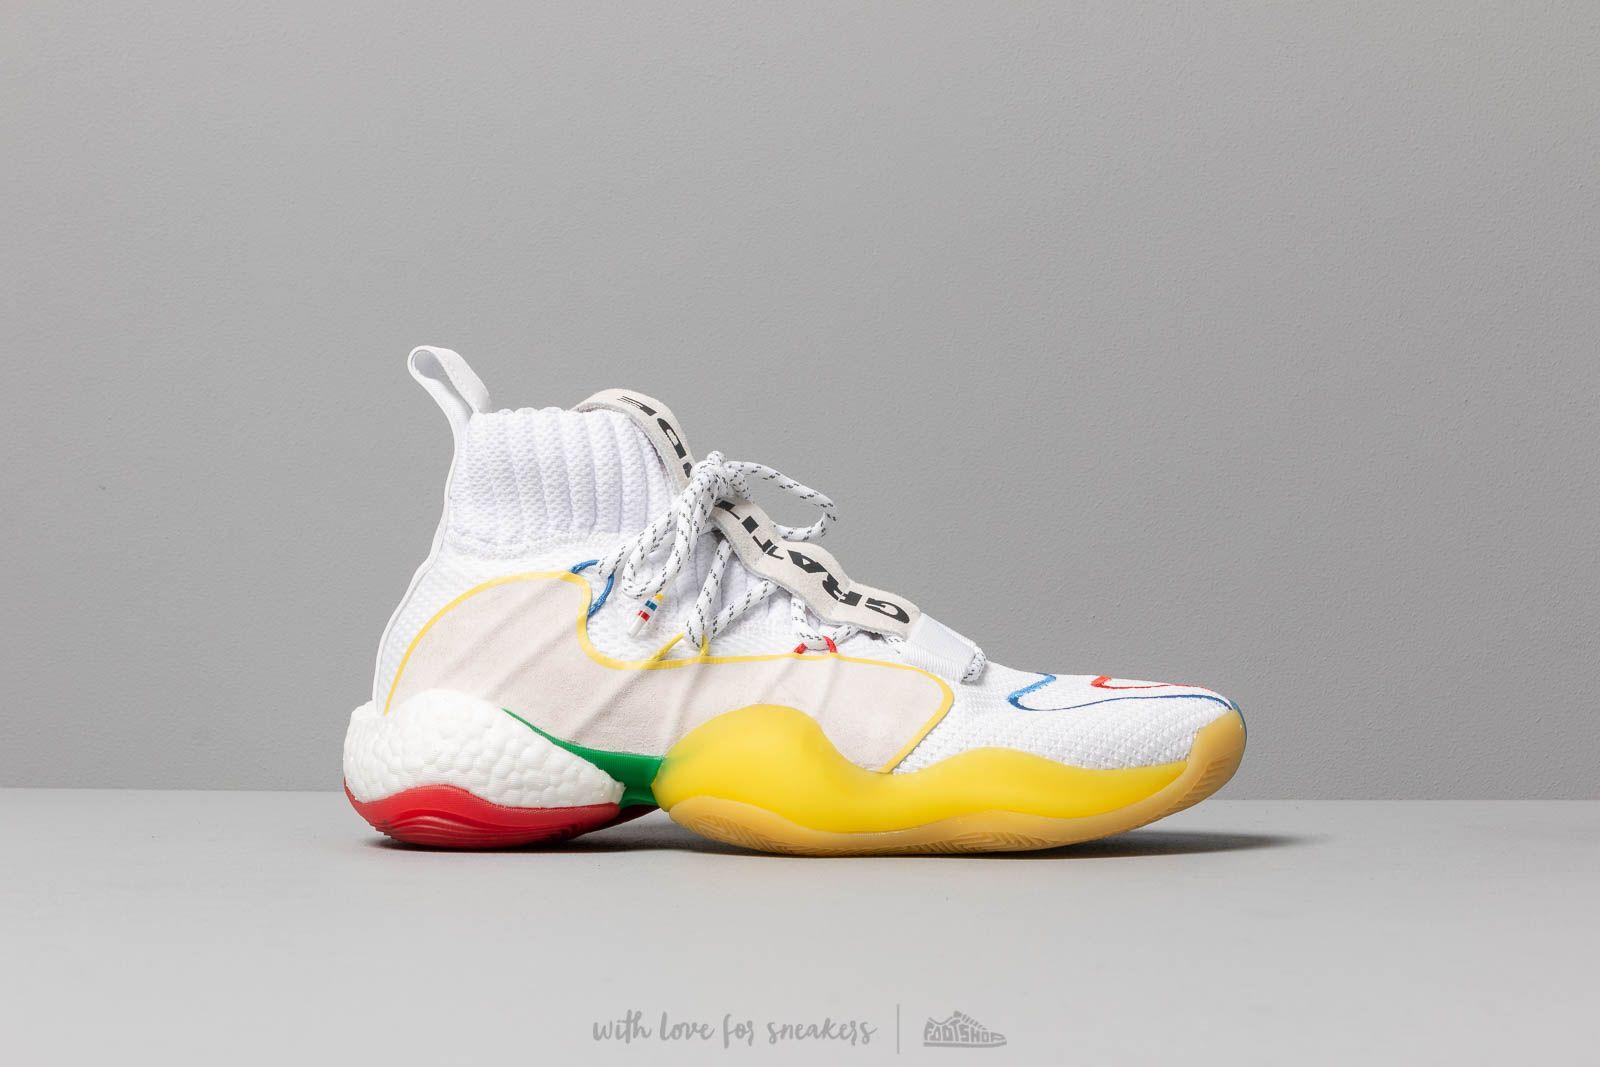 2c6c039050bf3 adidas x Pharrell Williams Crazy BYW